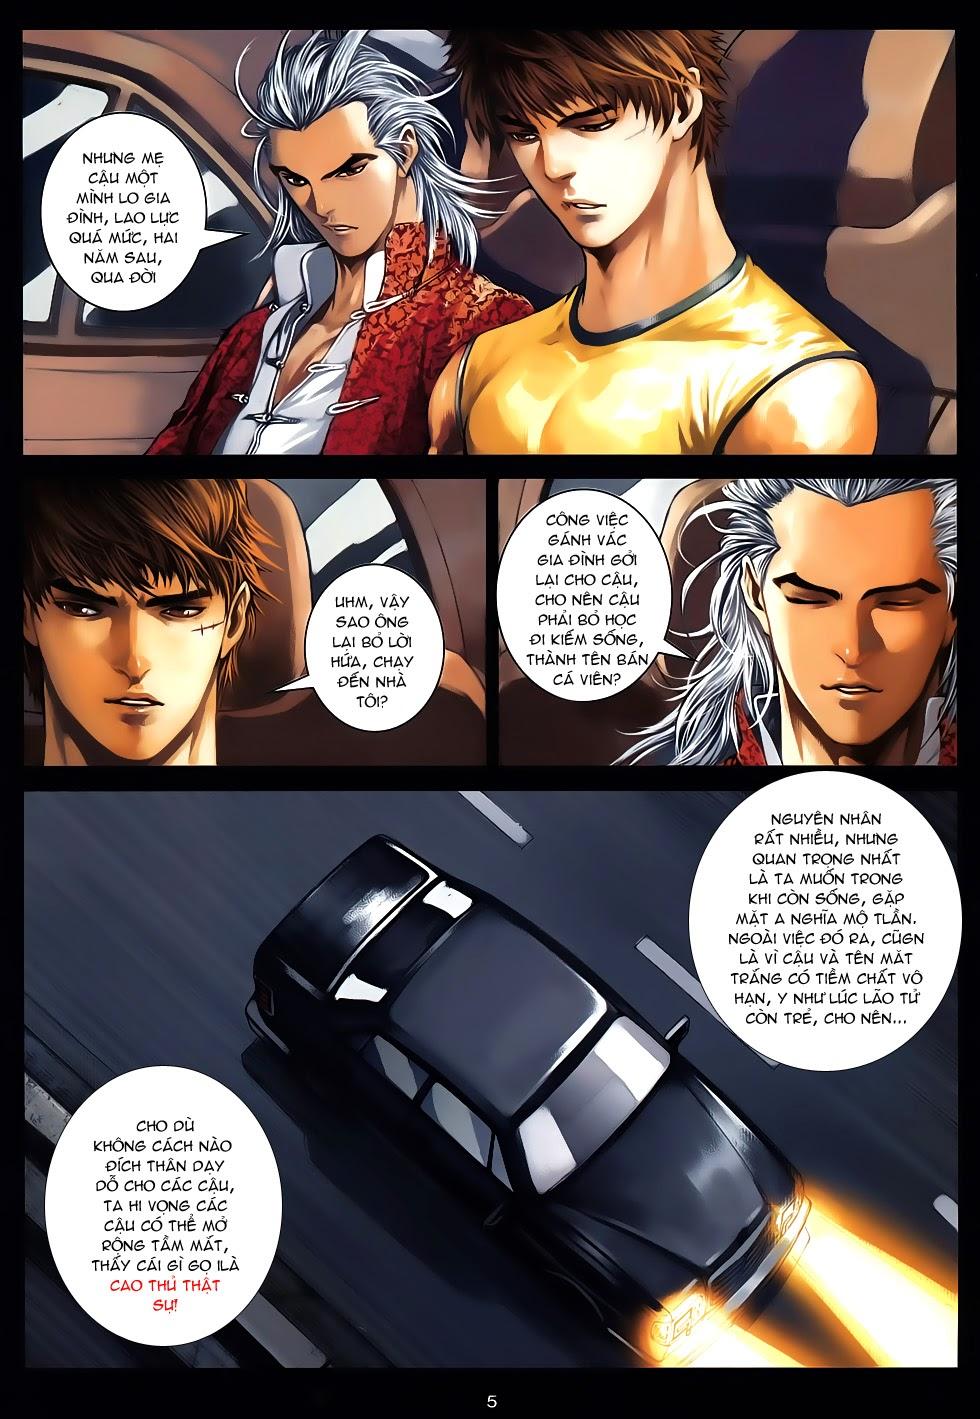 Quyền Đạo chapter 12 - end trang 5